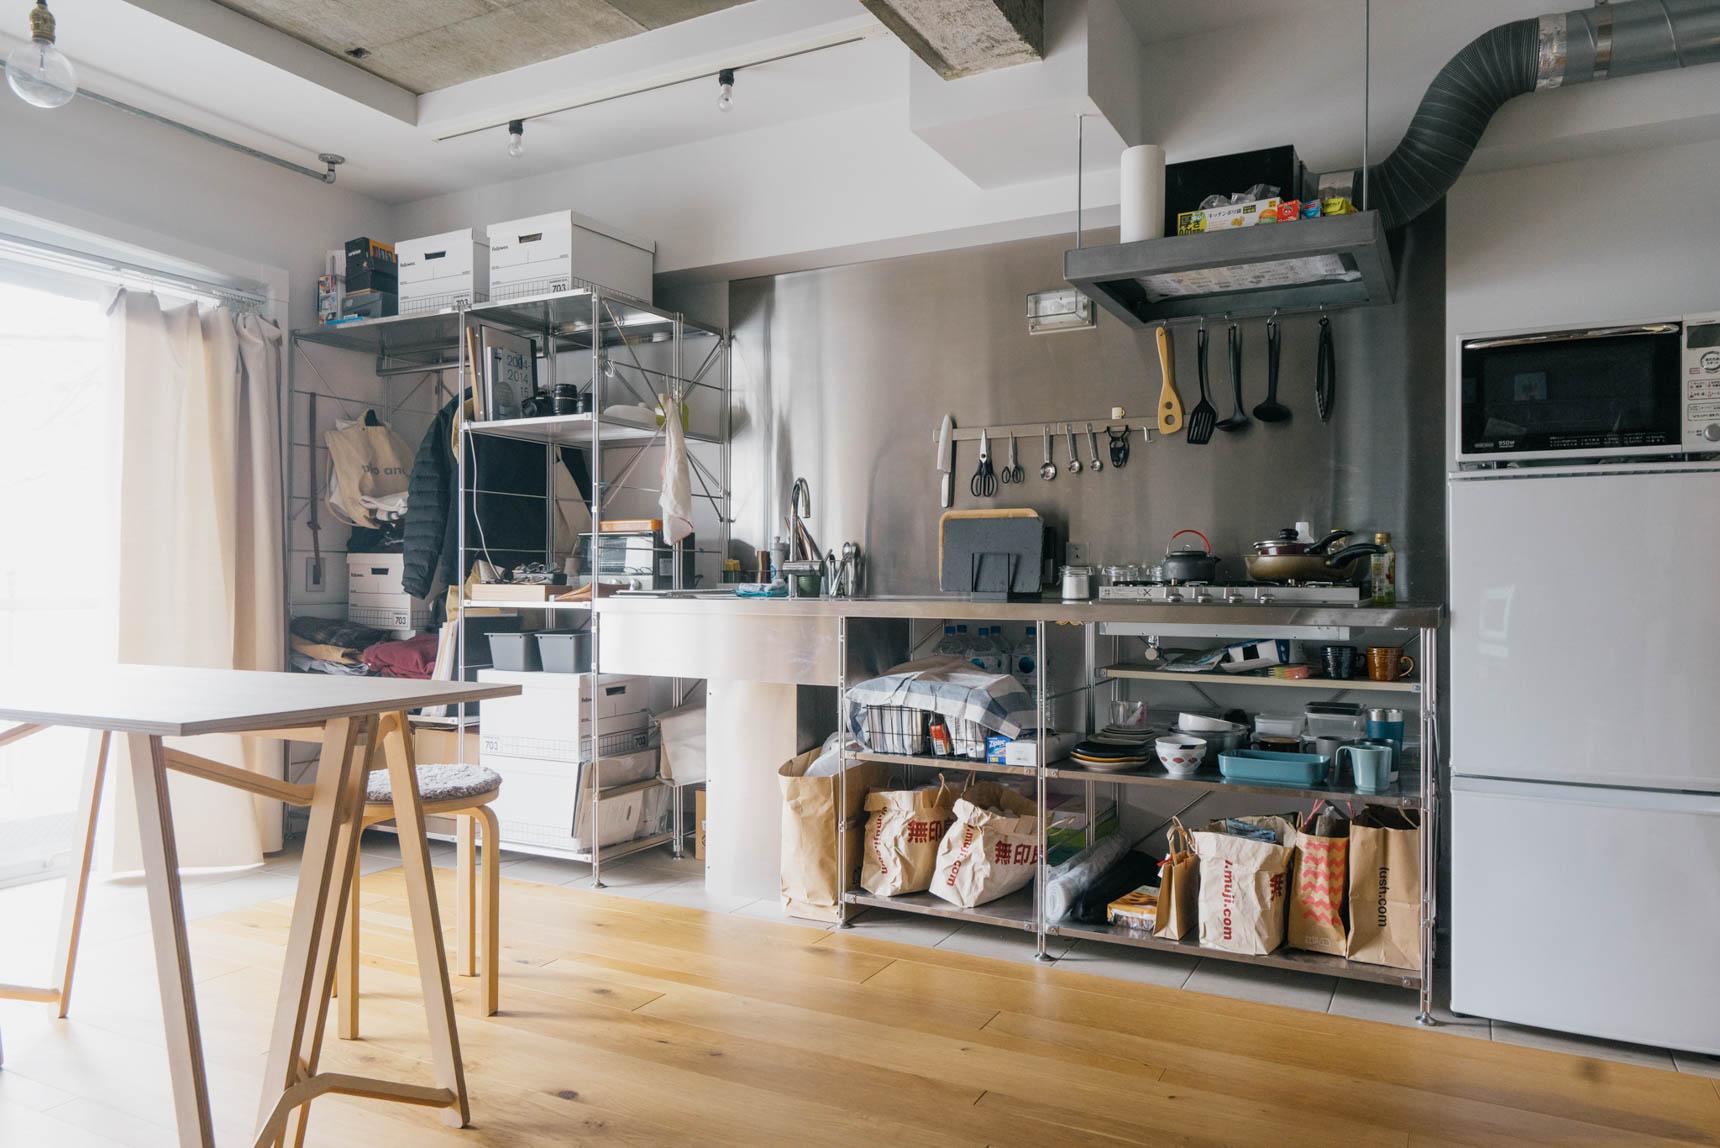 キッチンは、無印良品のステンレスユニットシェルフキッチン。かっこいいですよね。